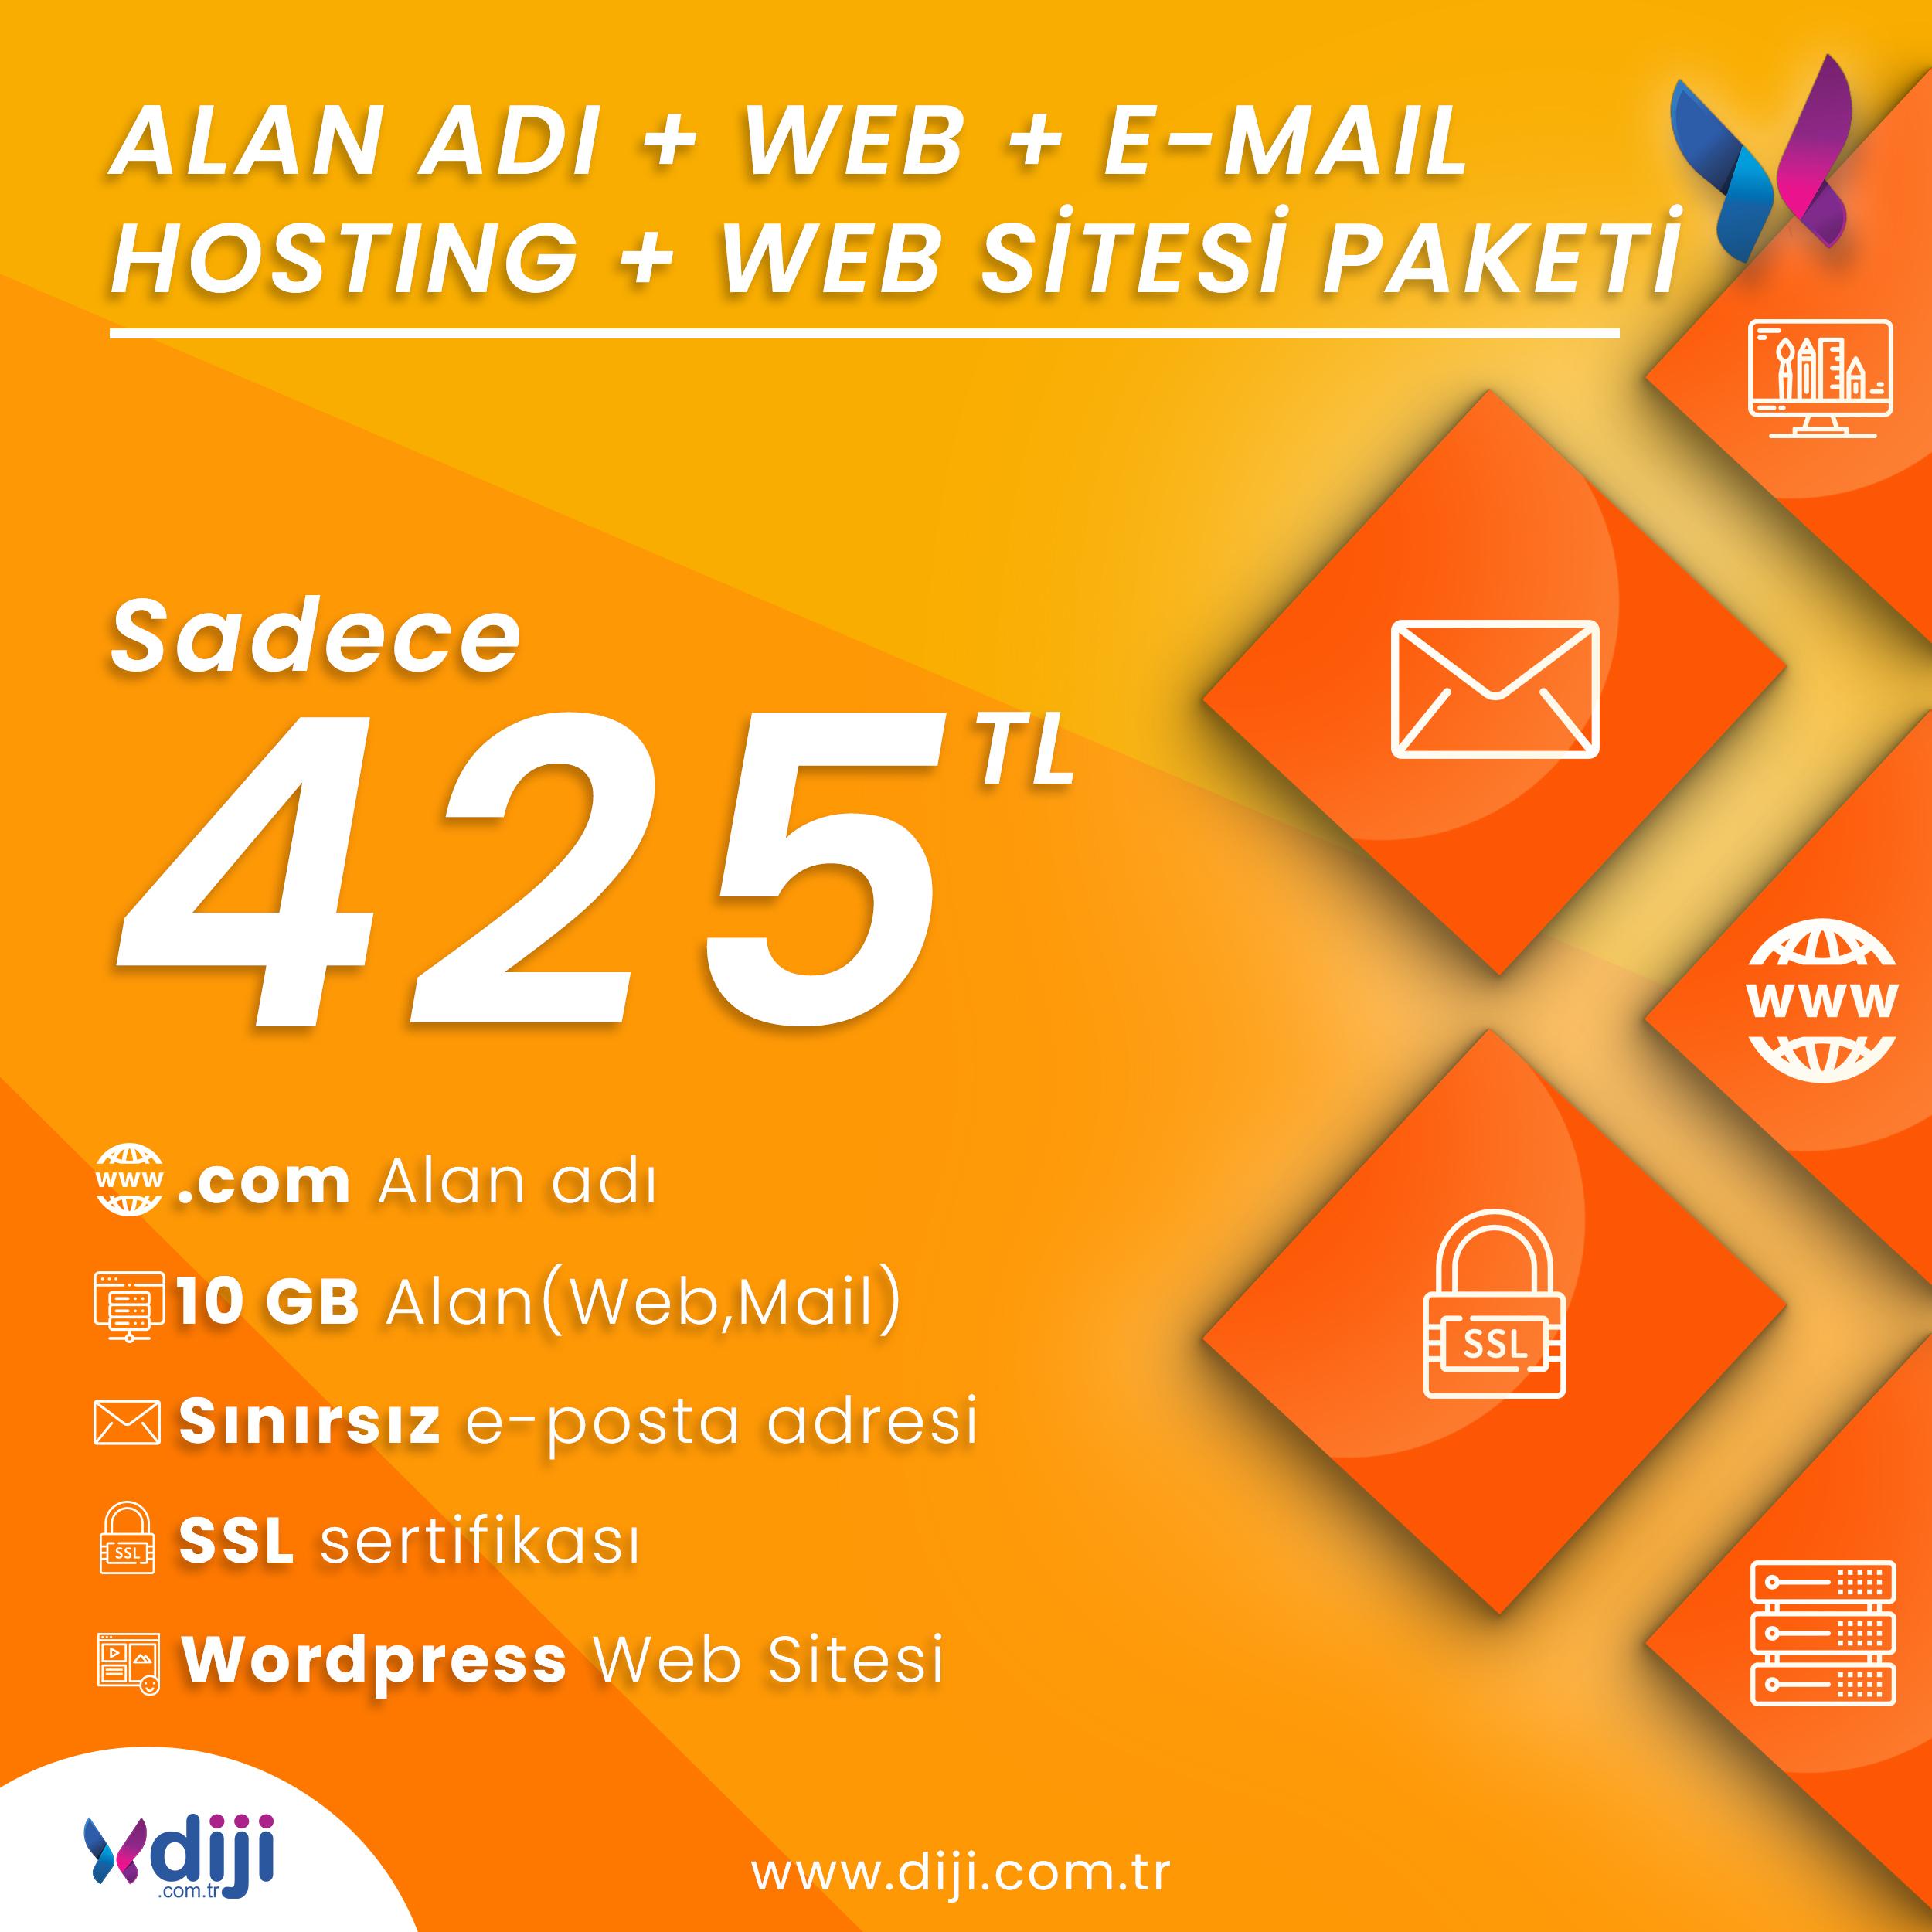 alan-adı-hosting-web-diji